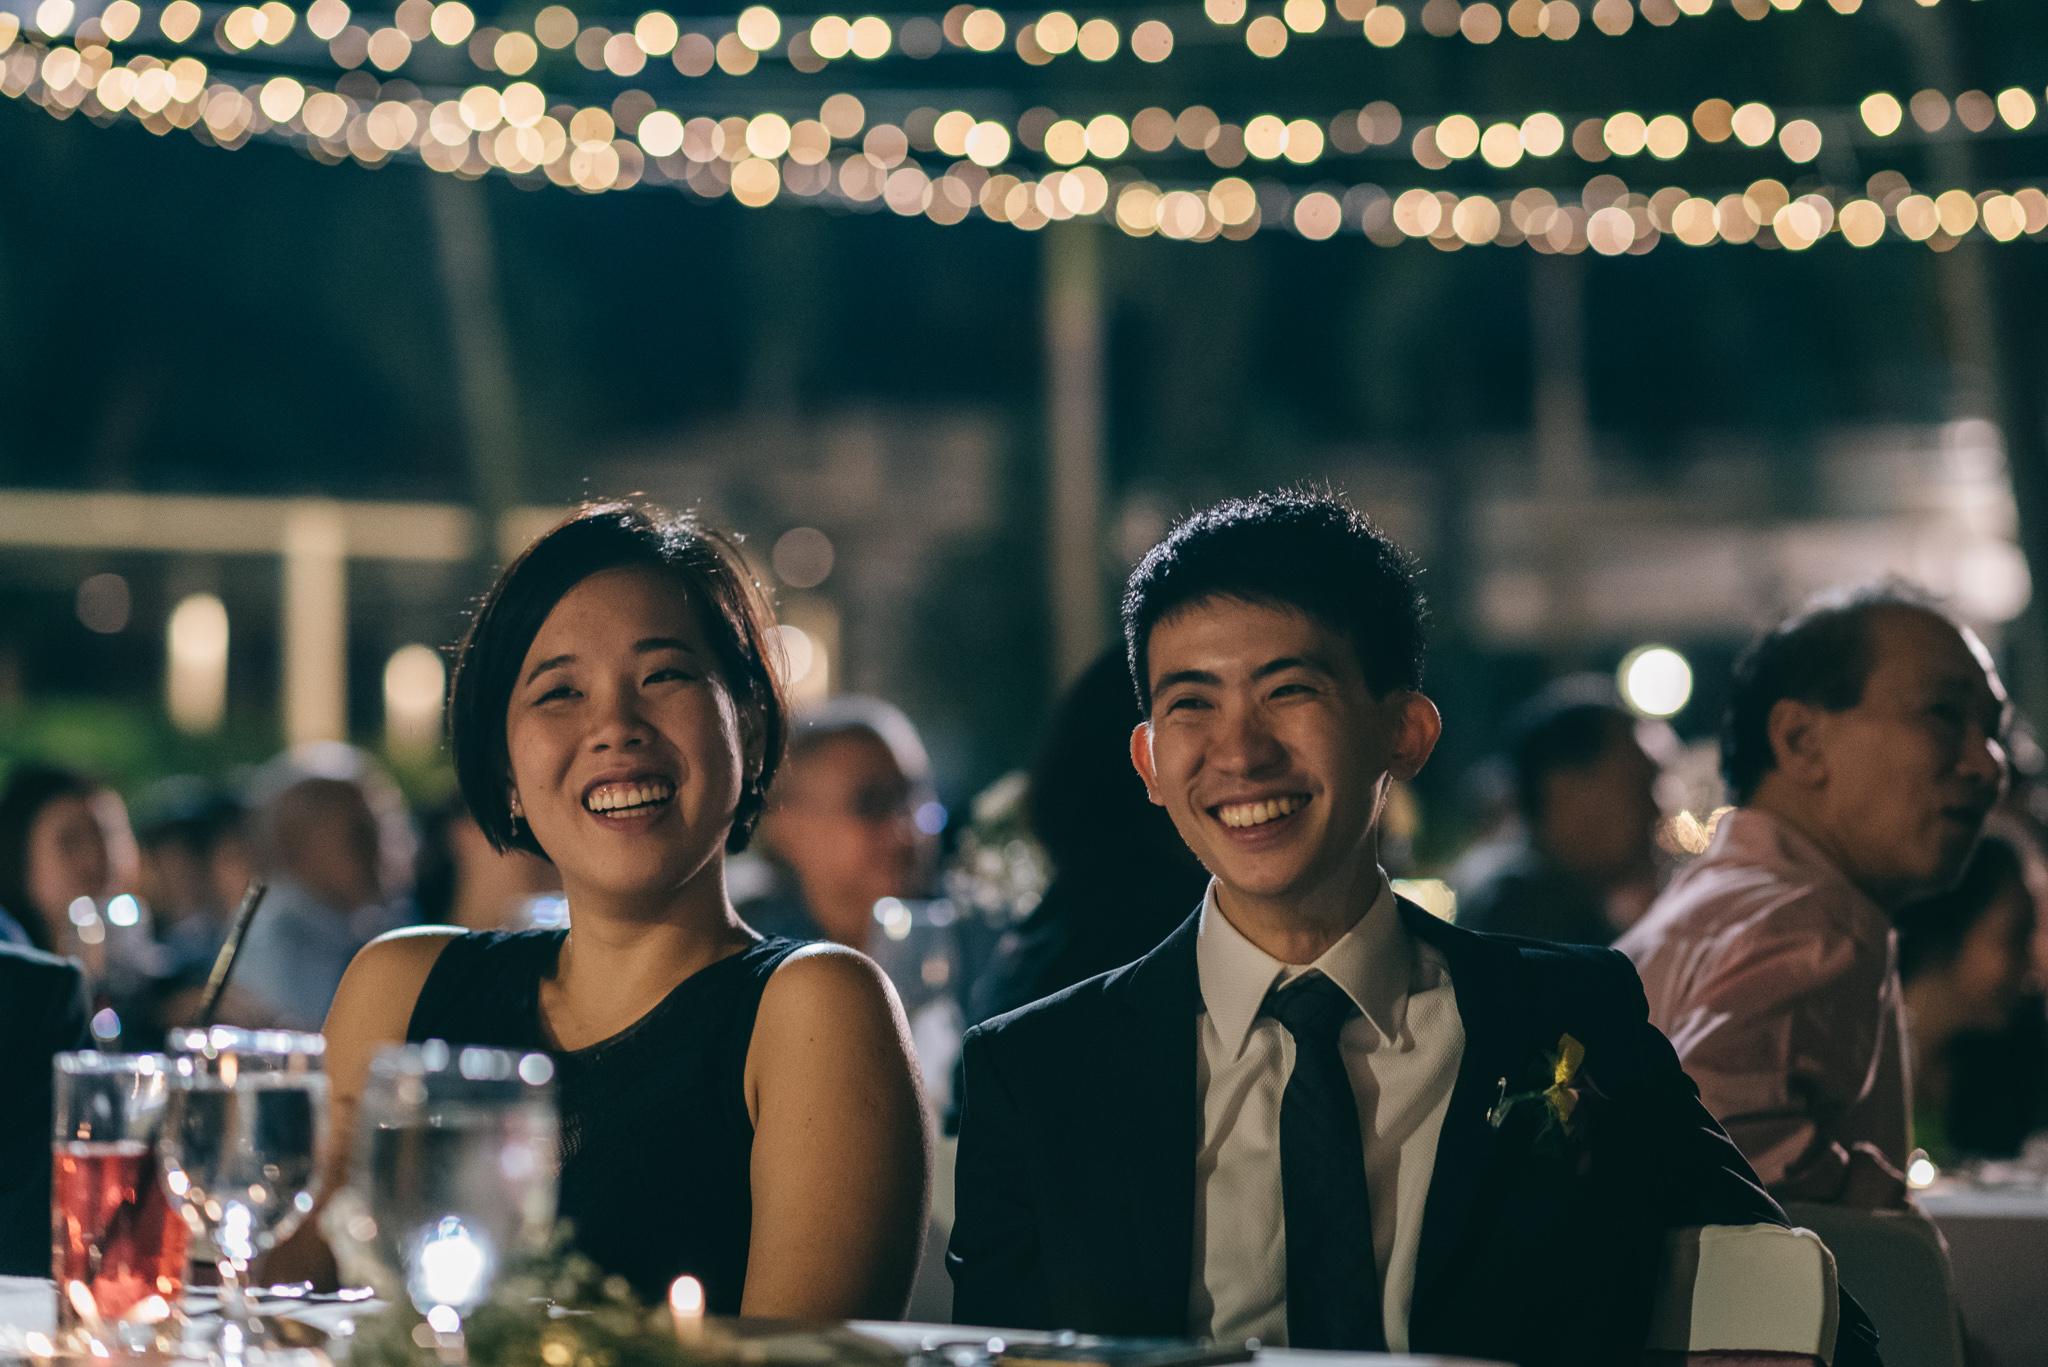 Lionel & Karen Wedding Day Highlights (resized for sharing) - 183.jpg